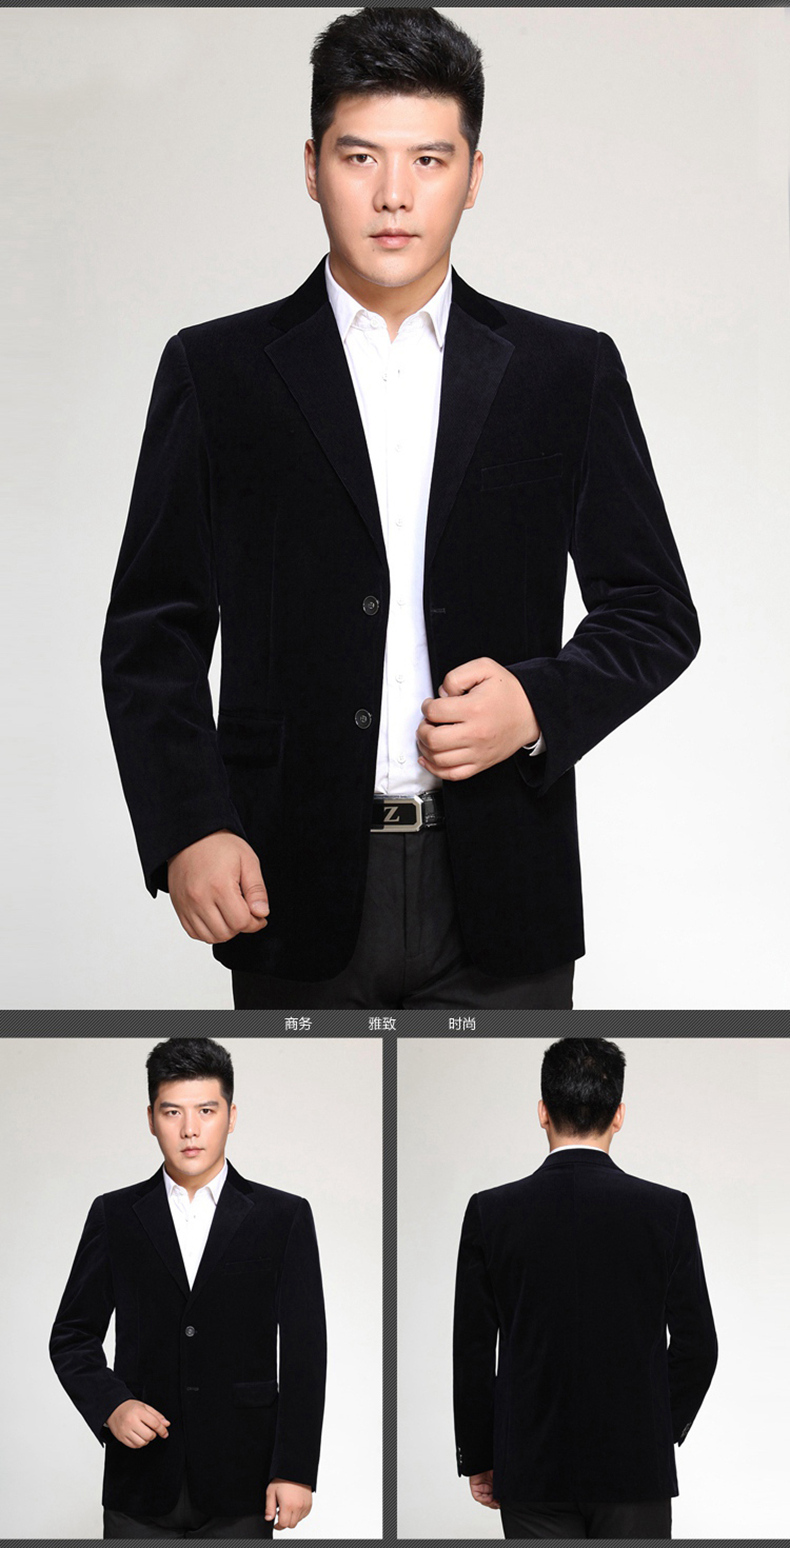 WAEOLSA Men Striped Velvet Blazers Elegant Plain Color Suit Coats Man Wool Blazer Hombre Corduroy Suit Jackets Red Navy Blue Uniform (8)